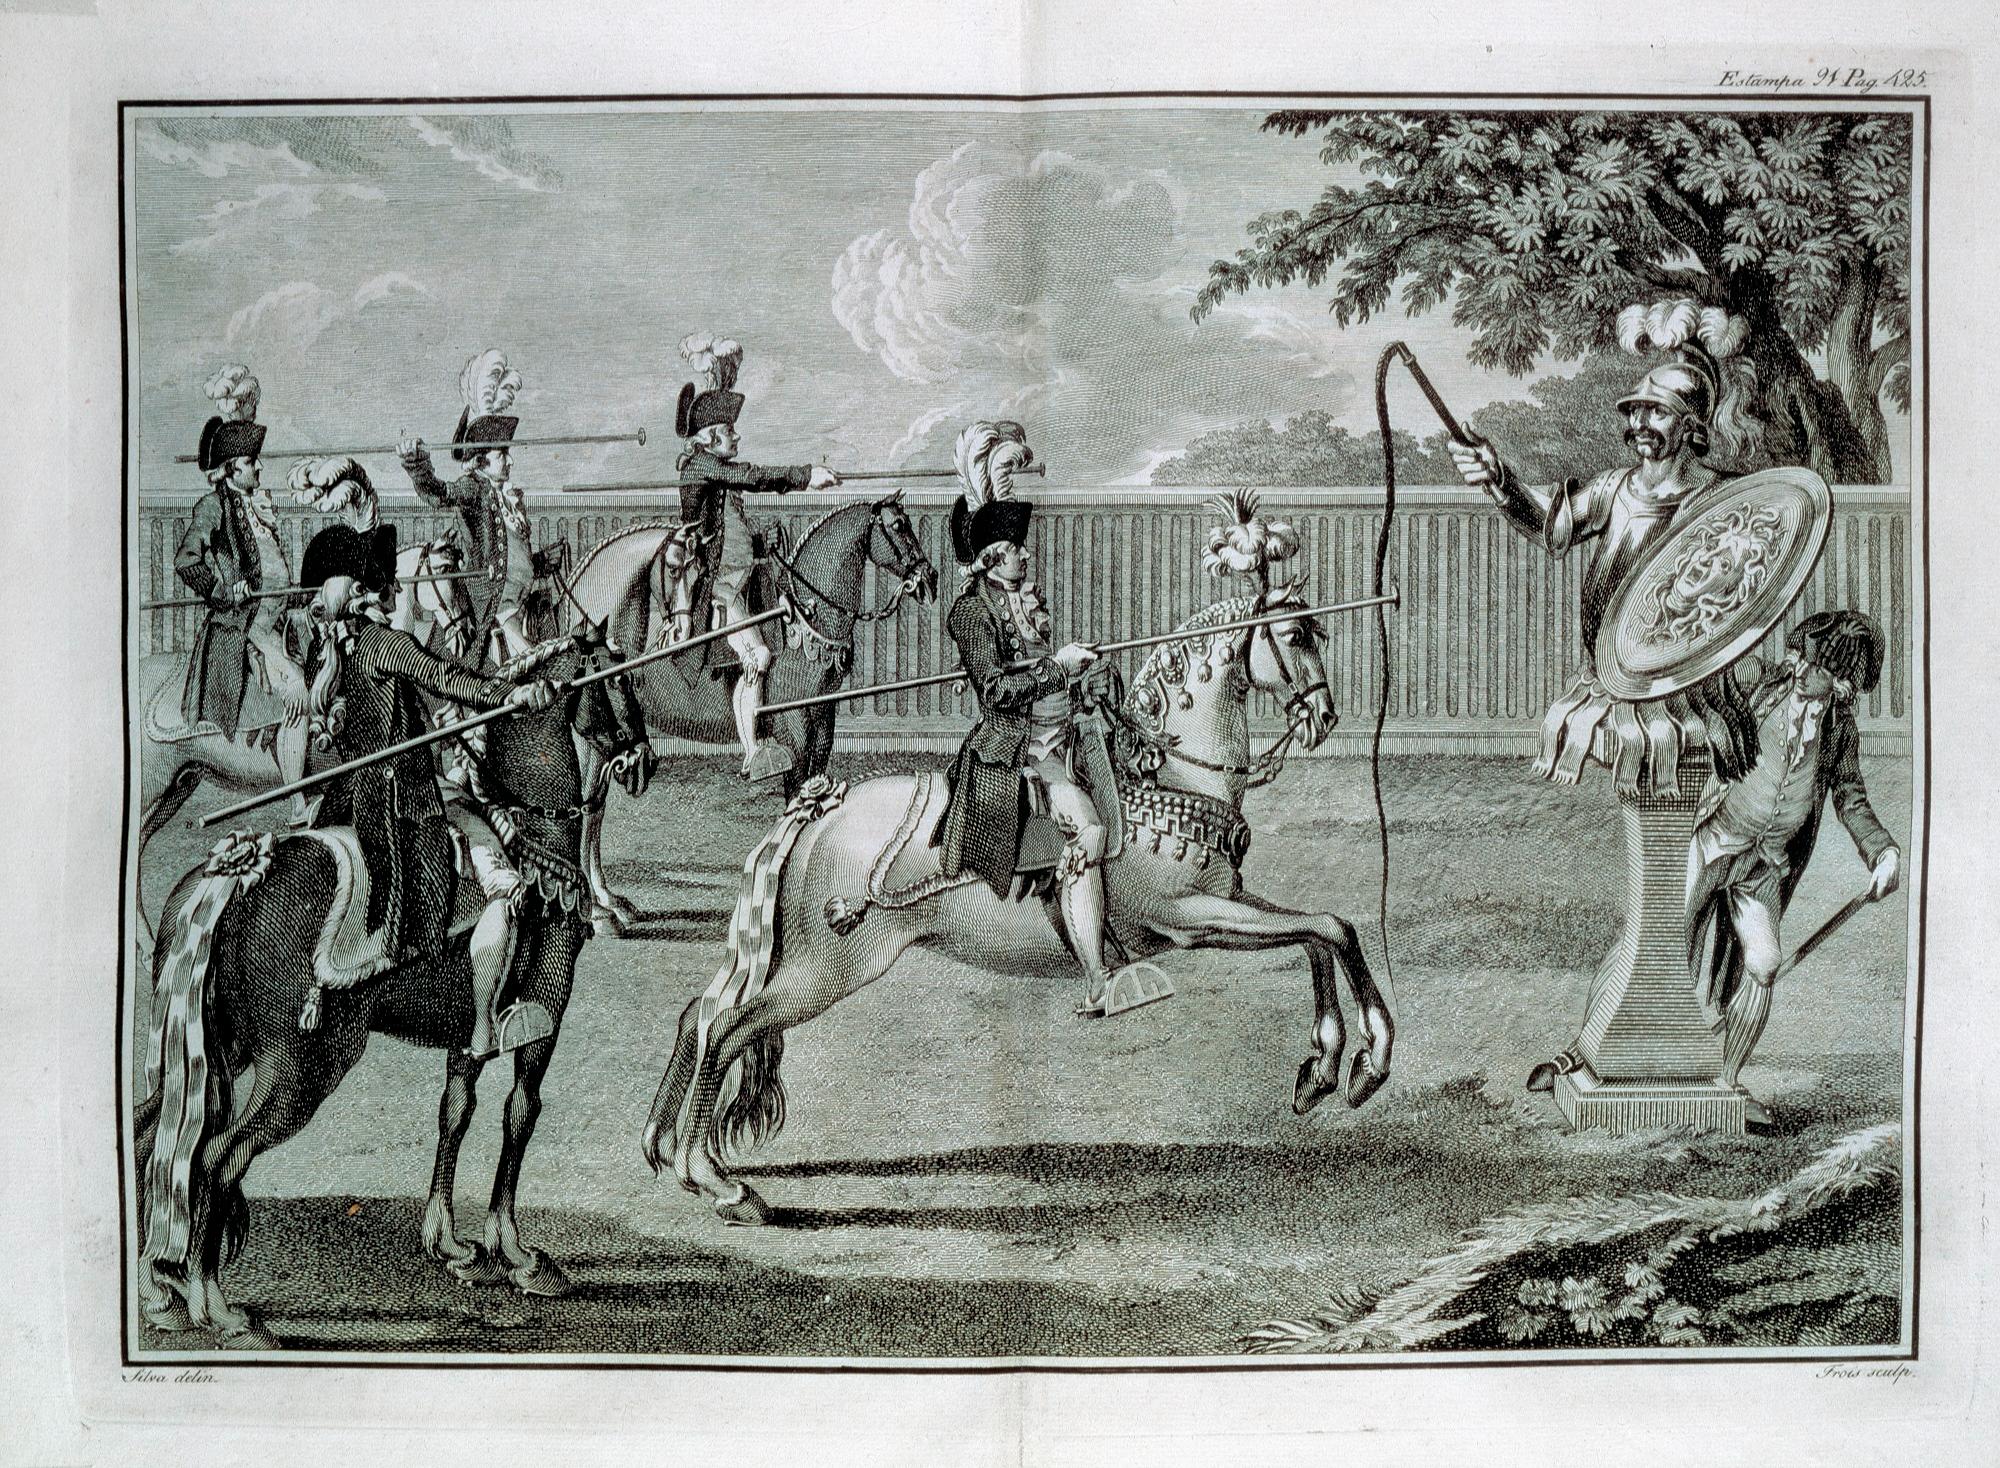 Festejos em honra de S. João e S. Pedro.1758